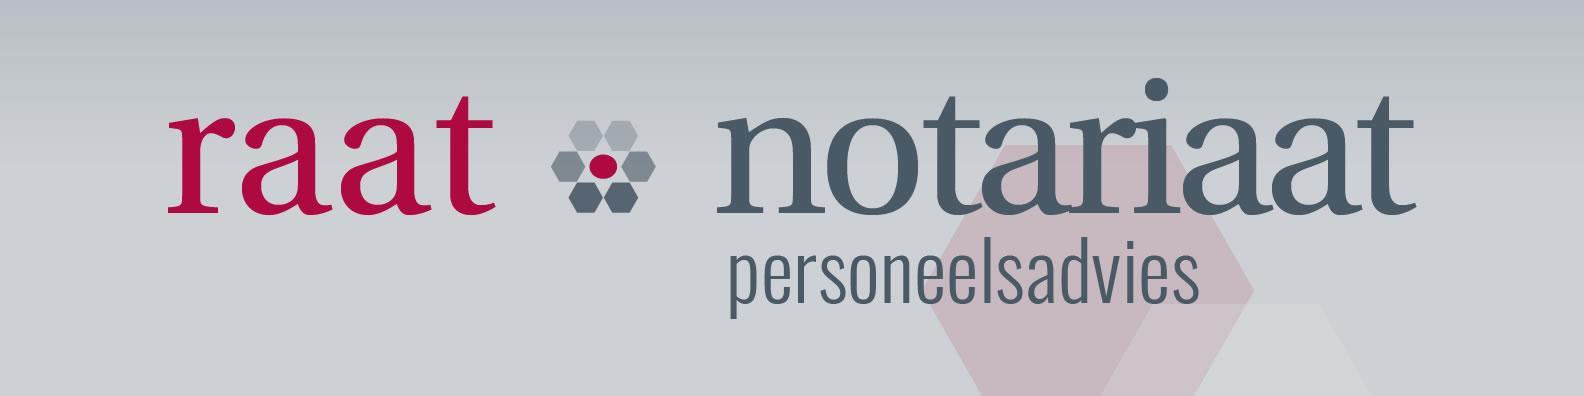 Kandidaat- notaris met ambitie om snel notaris te worden (80-100%)